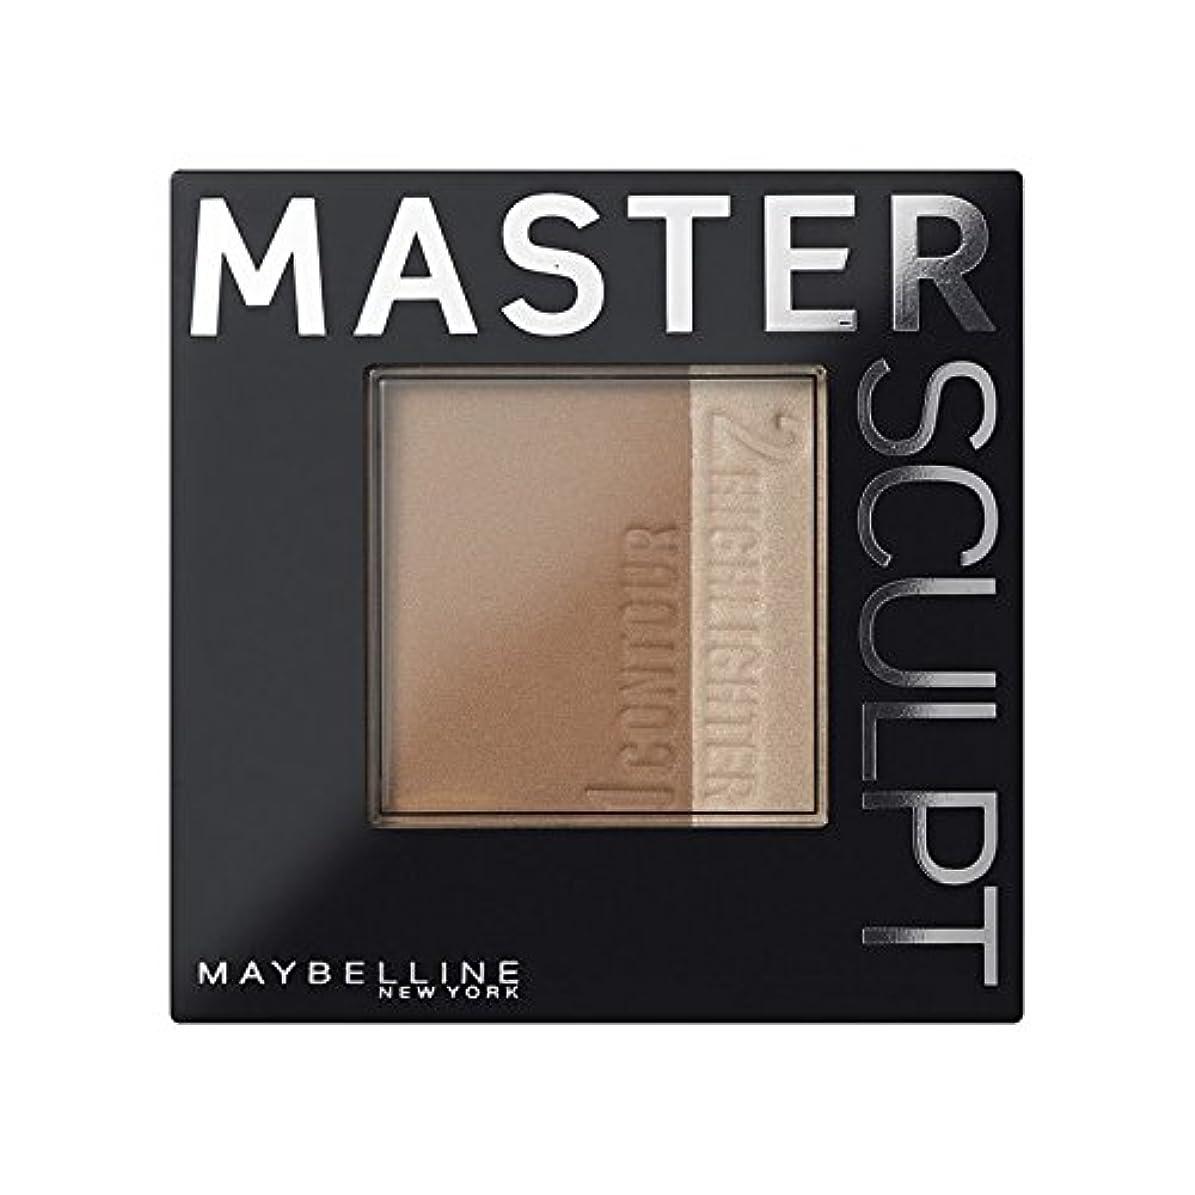 多くの危険がある状況割合区別する土台01光/ を輪郭メイベリンマスタースカルプト x4 - Maybelline Master Sculpt Contouring Foundation 01 Light/Med (Pack of 4) [並行輸入品]